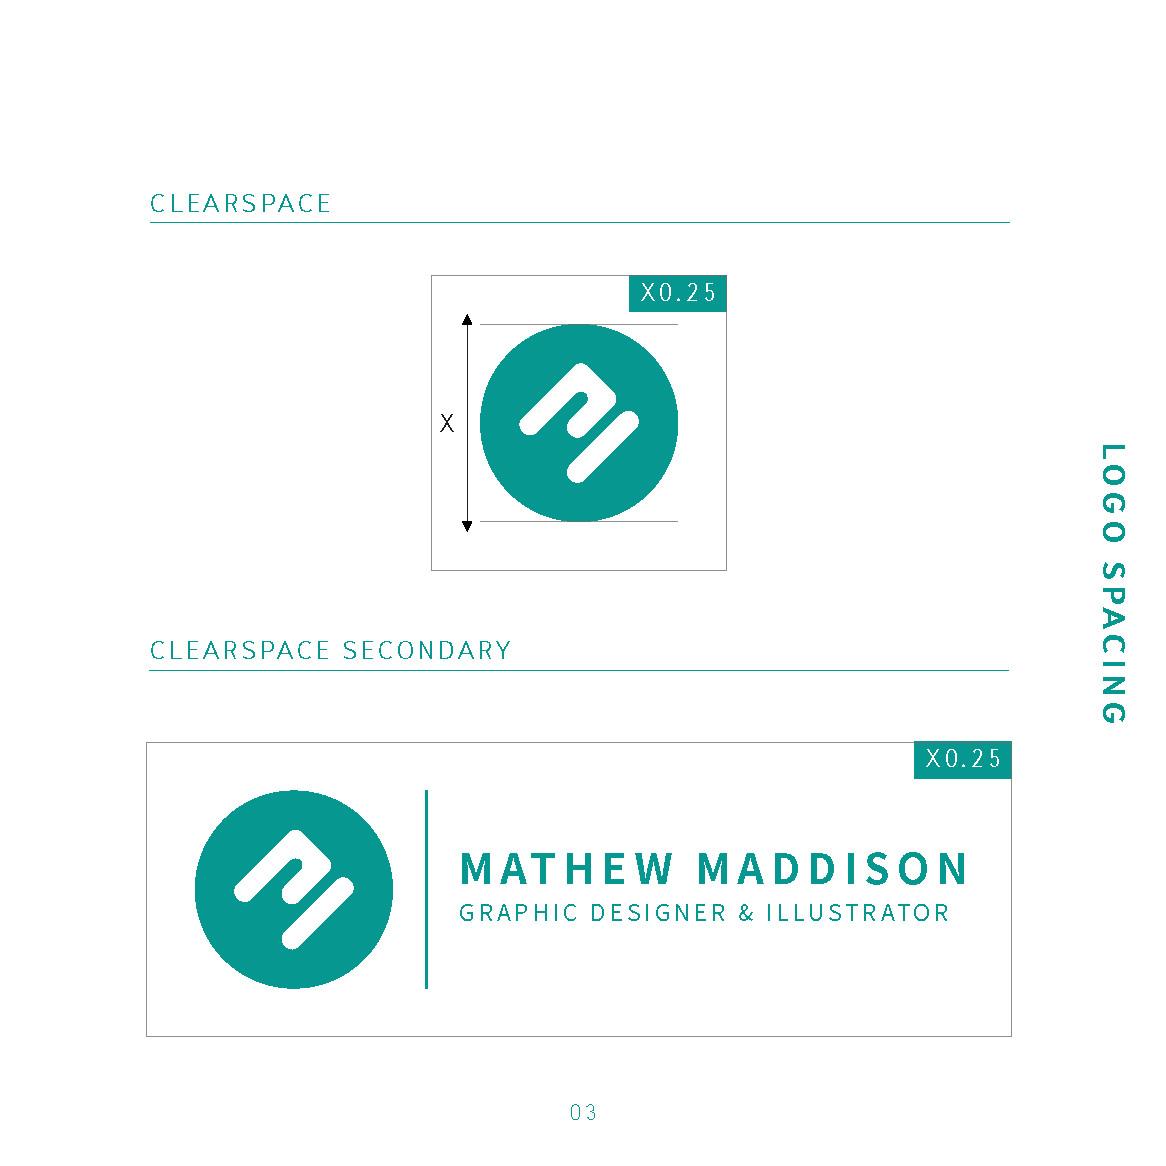 Mathew maddison mathew maddison identity guidelines page 5